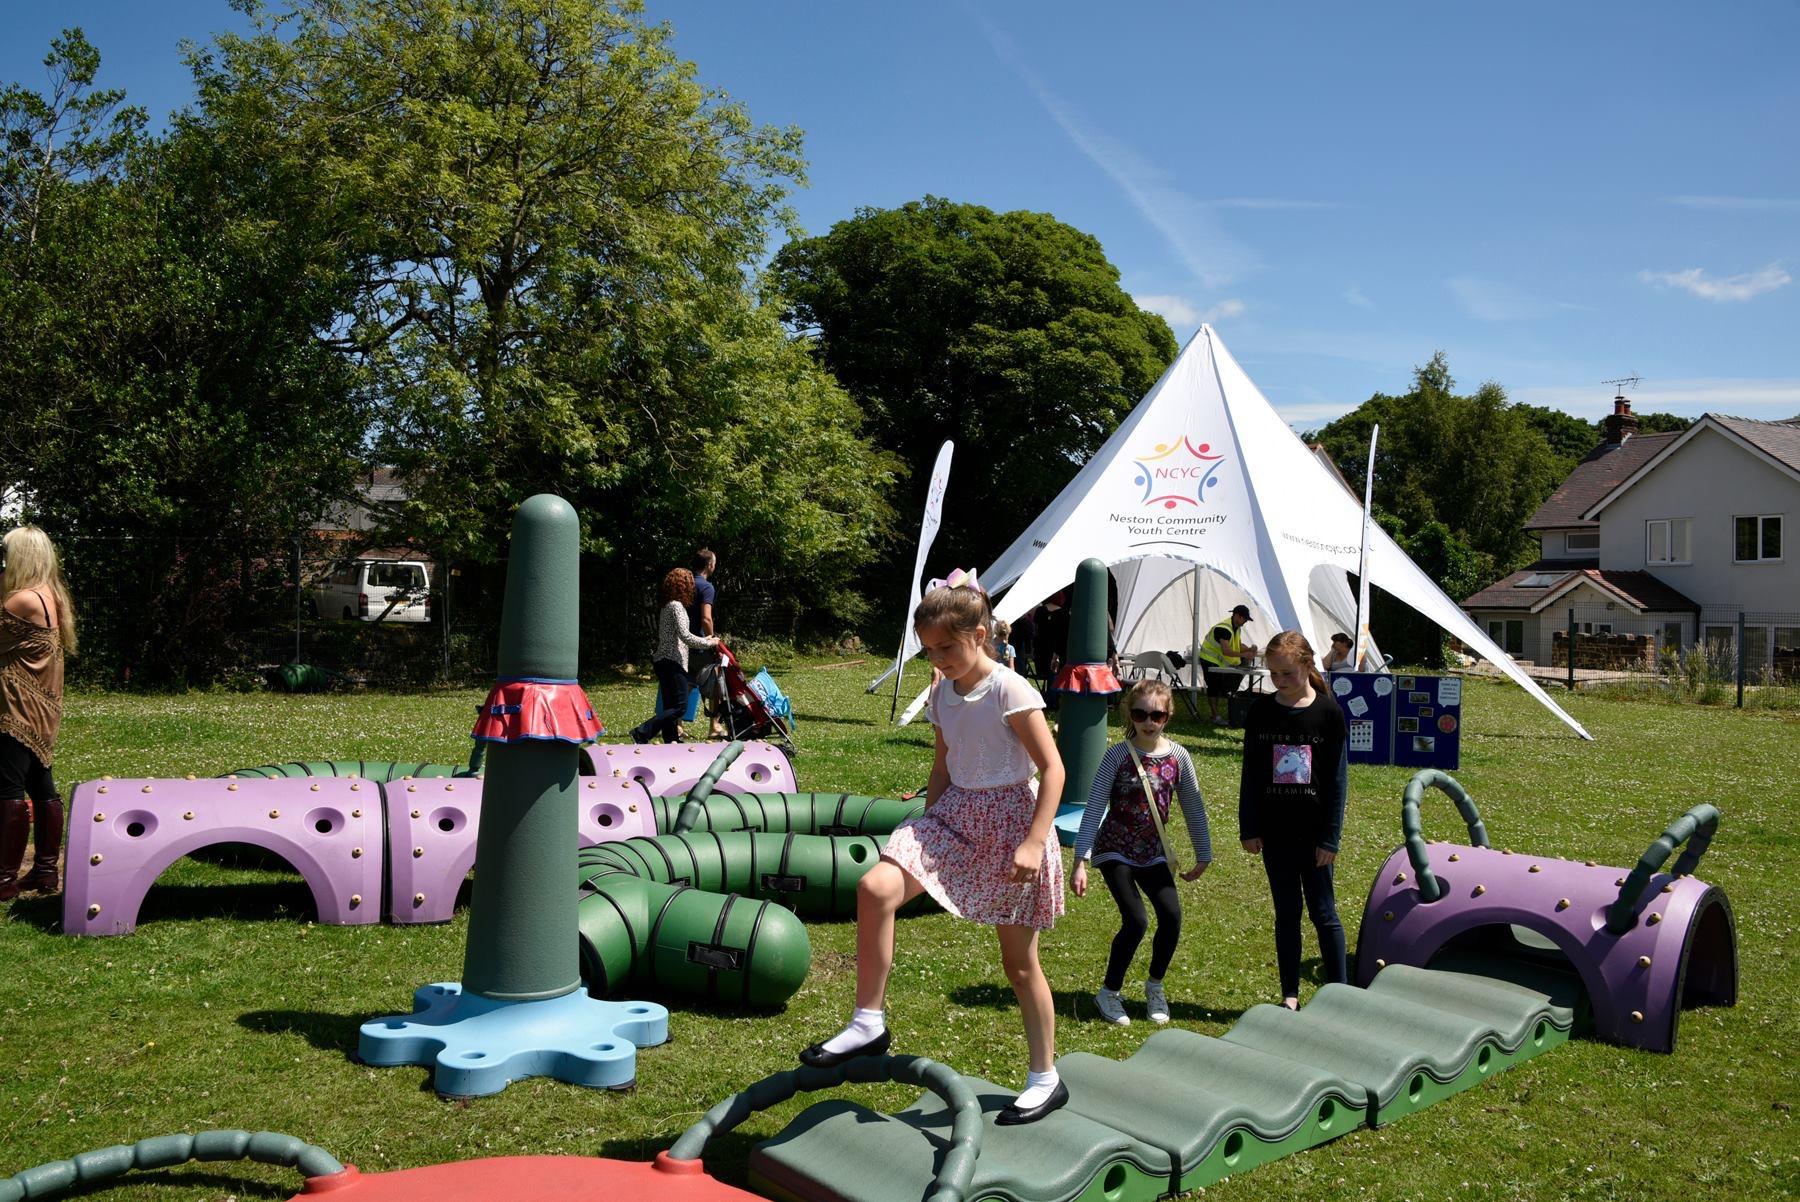 Neston Village Fair